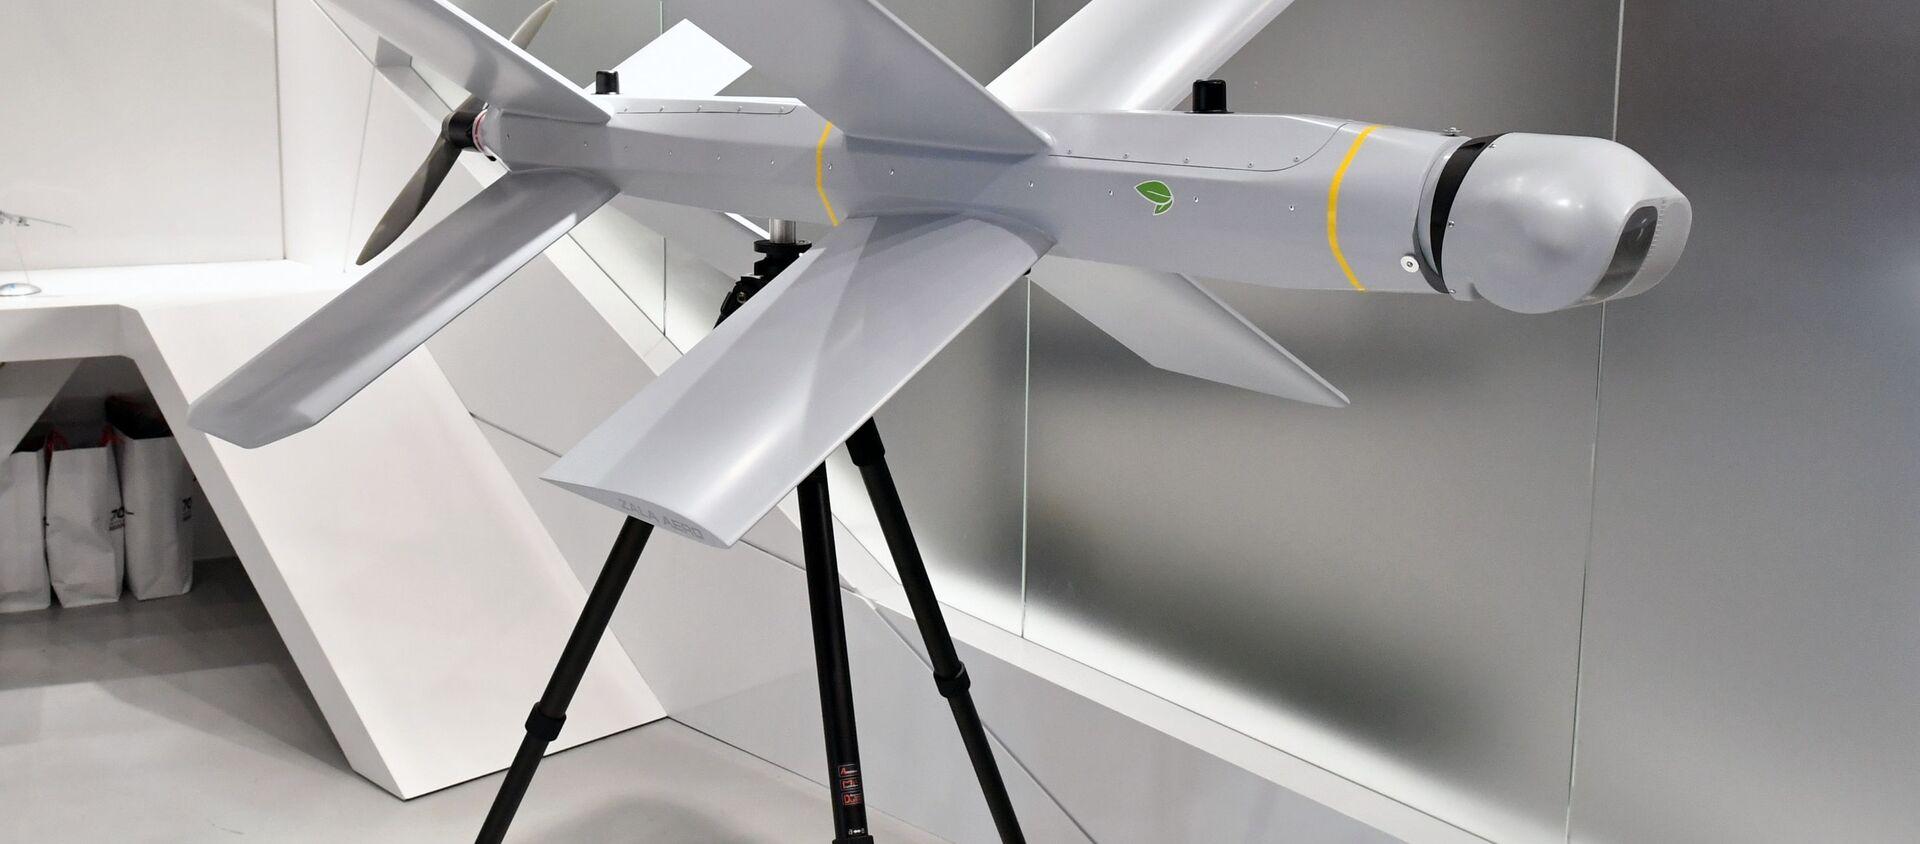 """Máy bay không người lái cảm tử bay vòng tròn ZALA Lantset tại khu trưng bày của tập đoàn """"Kalashnikov"""". - Sputnik Việt Nam, 1920, 25.08.2021"""